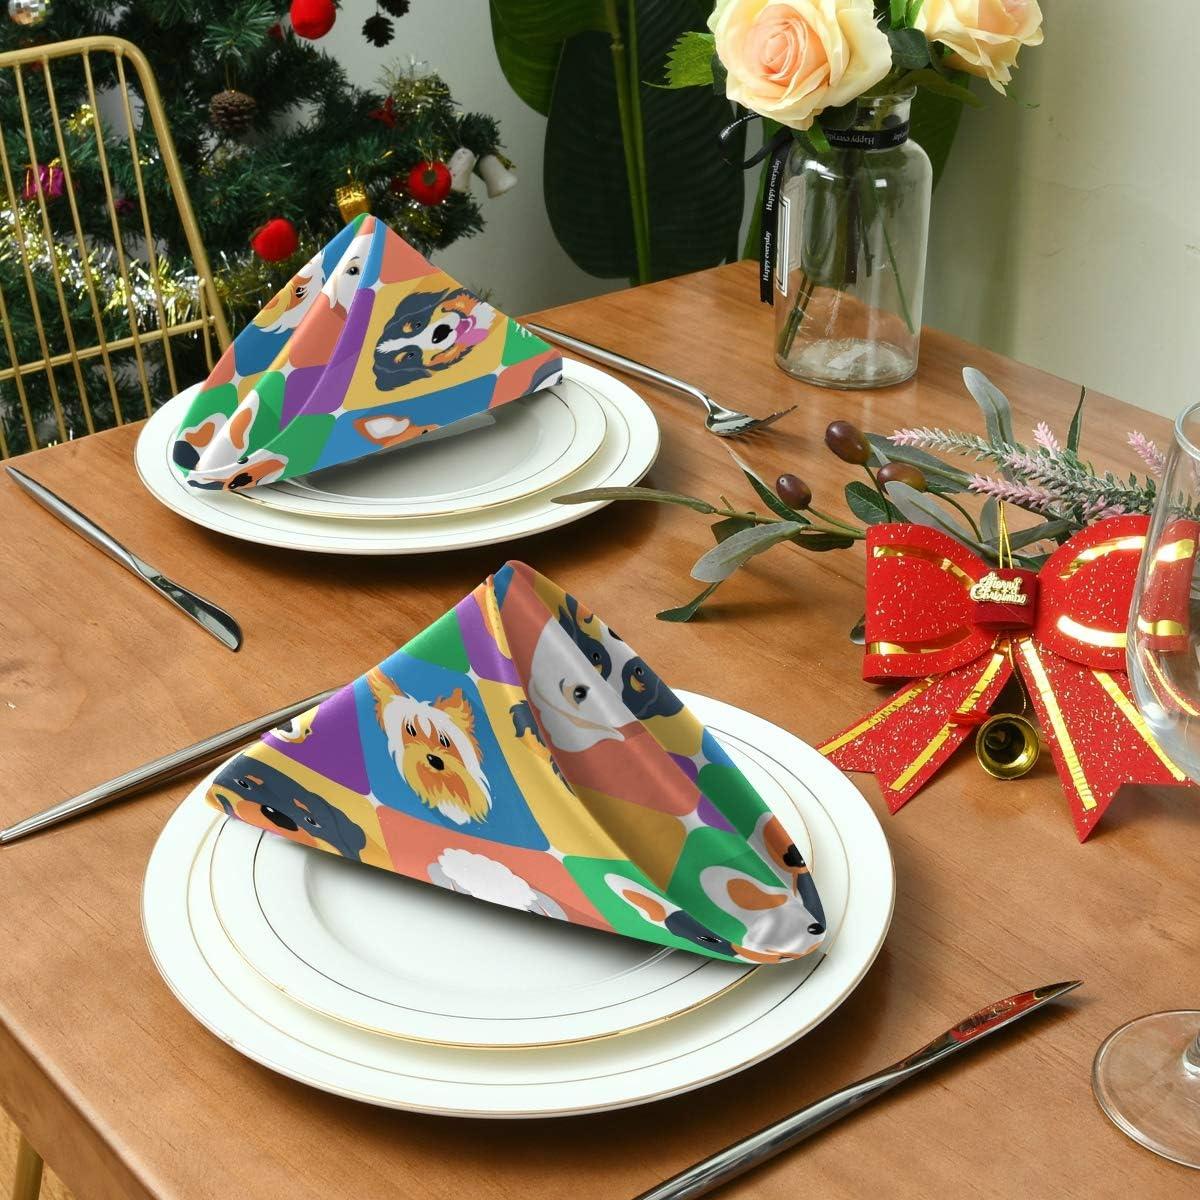 Funnyy Serviettes de table r/éutilisables en satin Motif chiens color/és